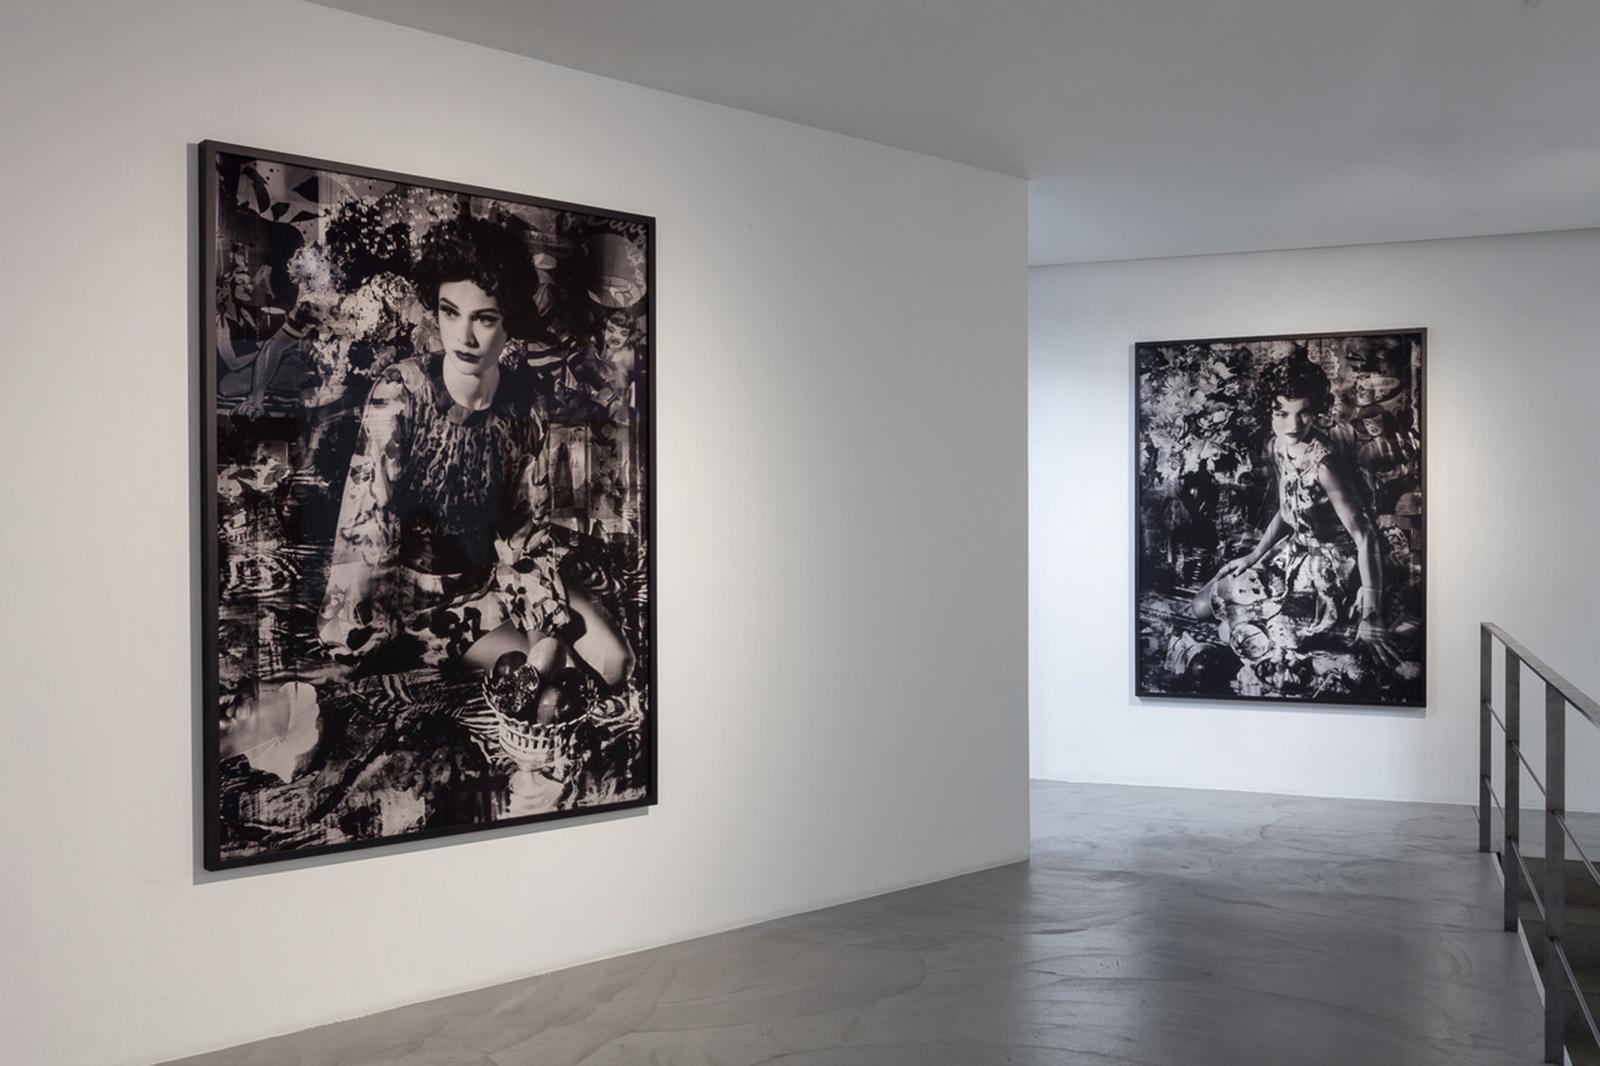 Vue de l'exposition de Valérie Belin, «China Girls», à la galerie Nathalie Obadia de Bruxelles, en 2018.